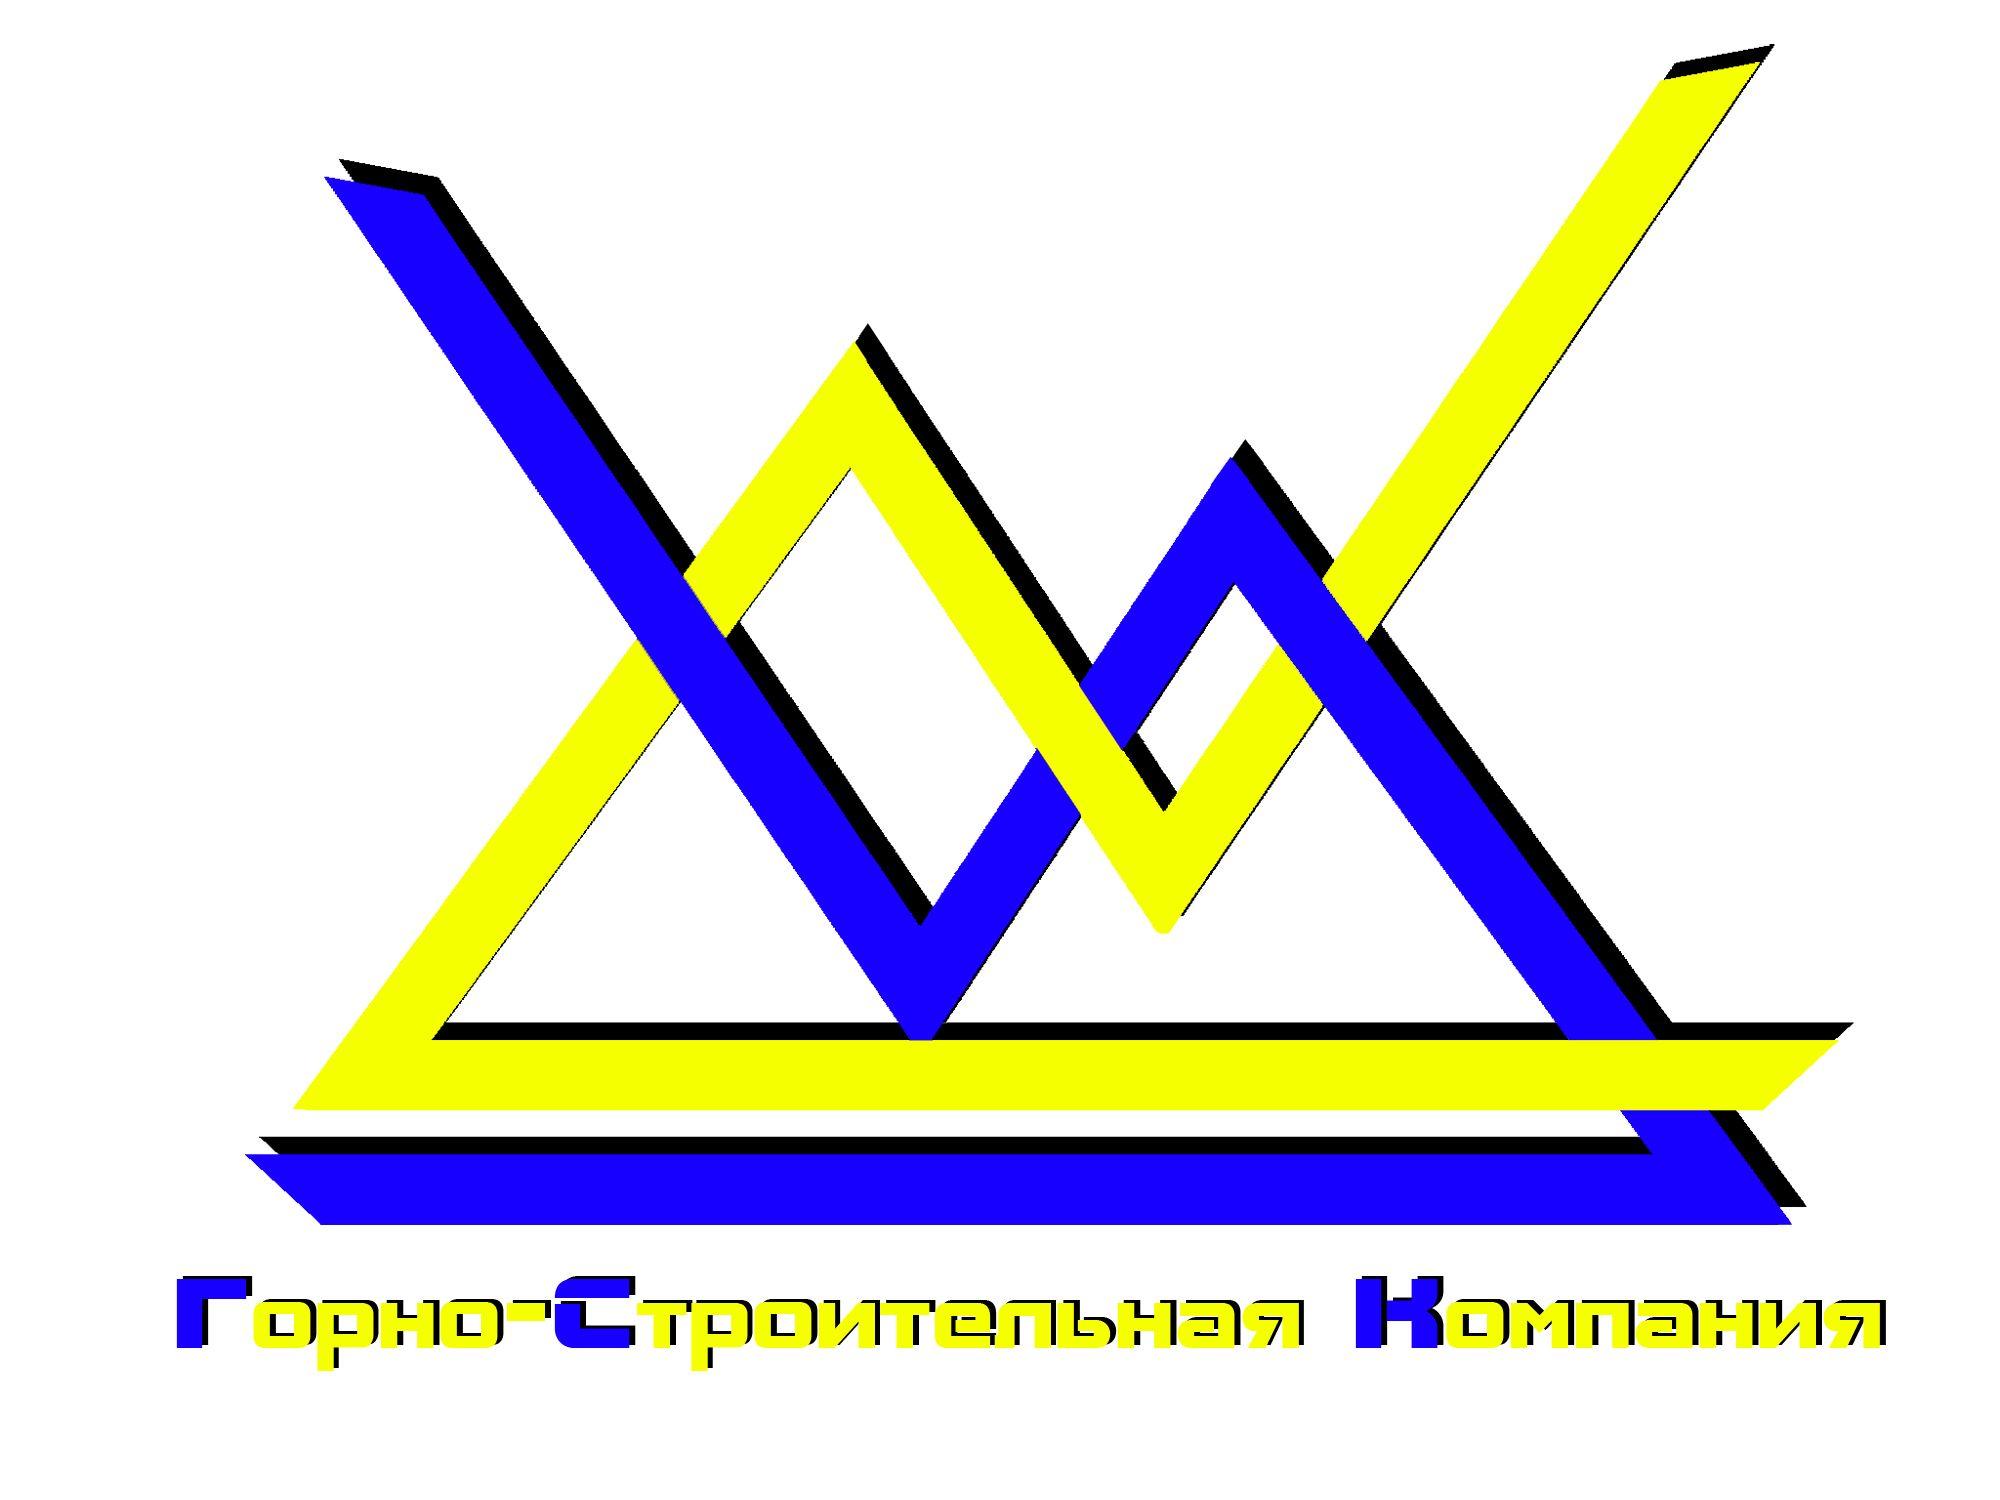 Логотип для Горно-Строительной Компании - дизайнер Velo16